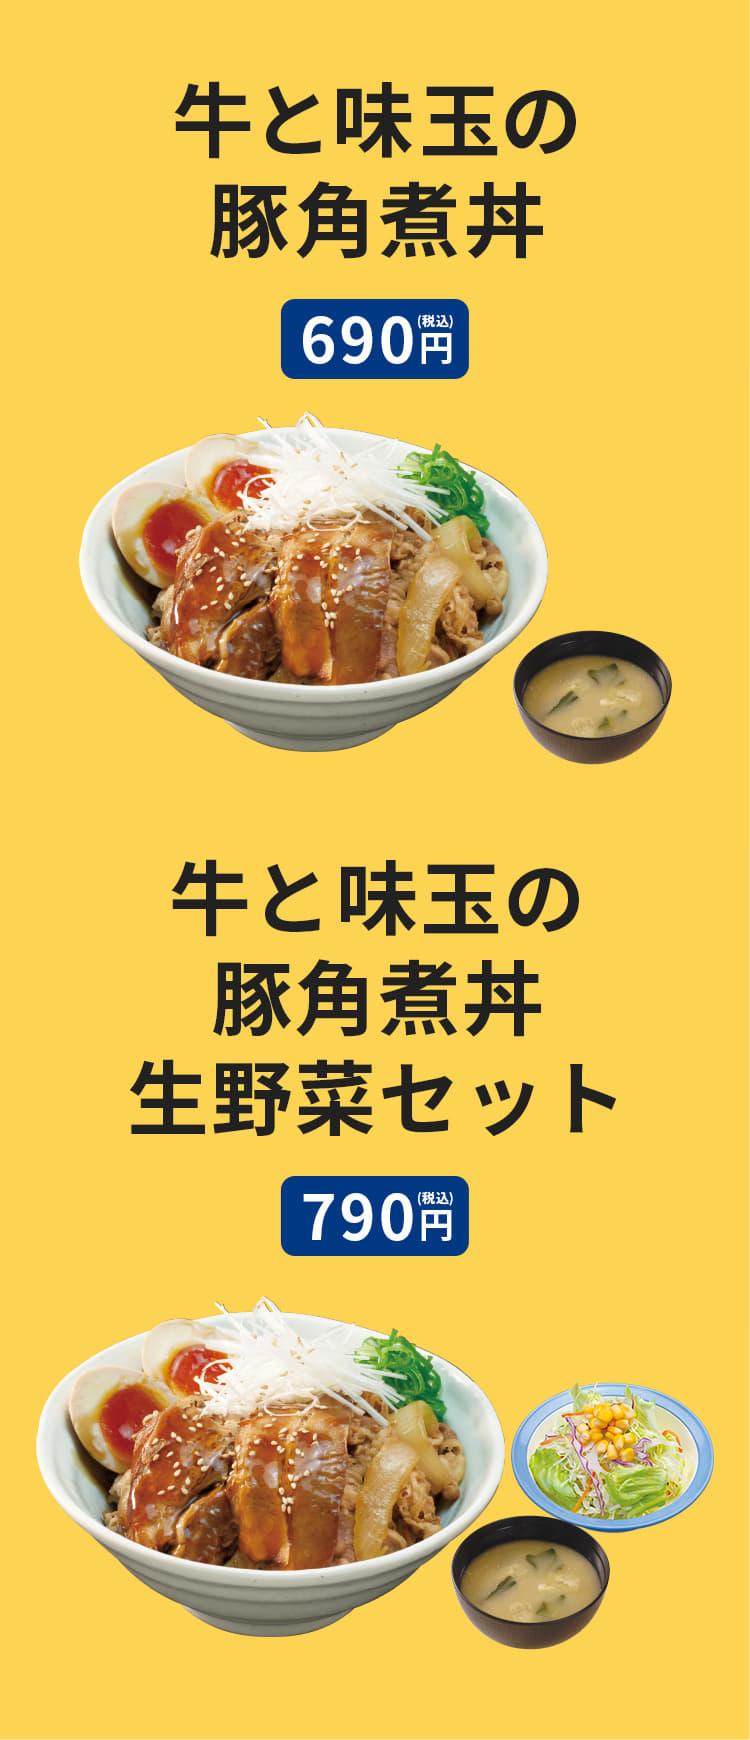 牛と味玉の豚角煮丼(みそ汁付)690円。牛と味玉の豚角煮丼生野菜セット(みそ汁・生野菜付)790円。